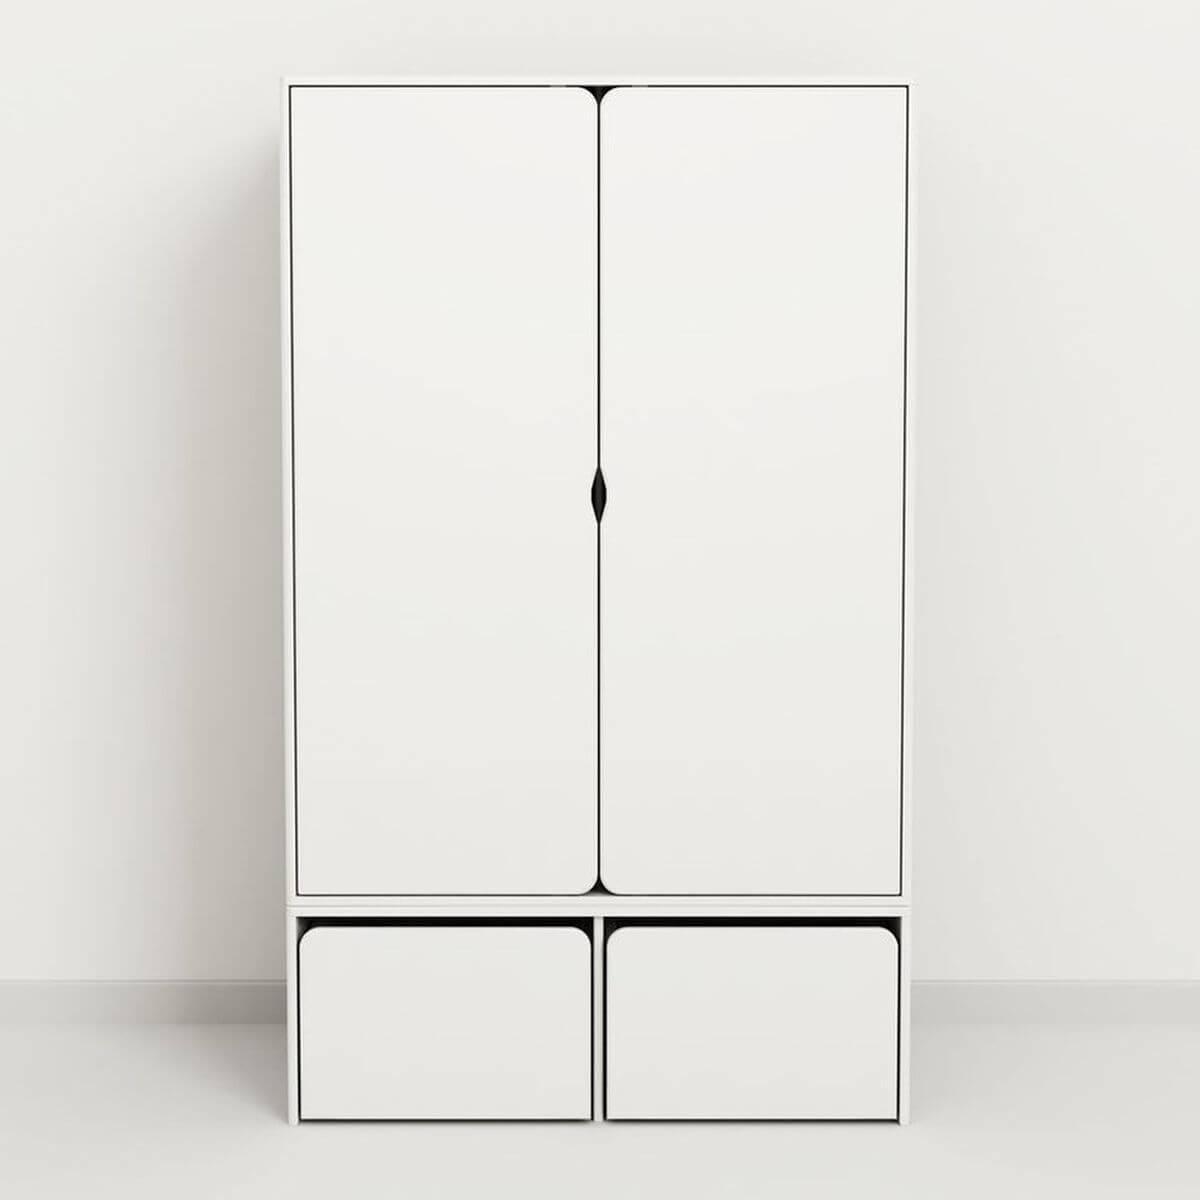 Kleiderschrank niedrig 2 Türen CABBY by Flexa weiß